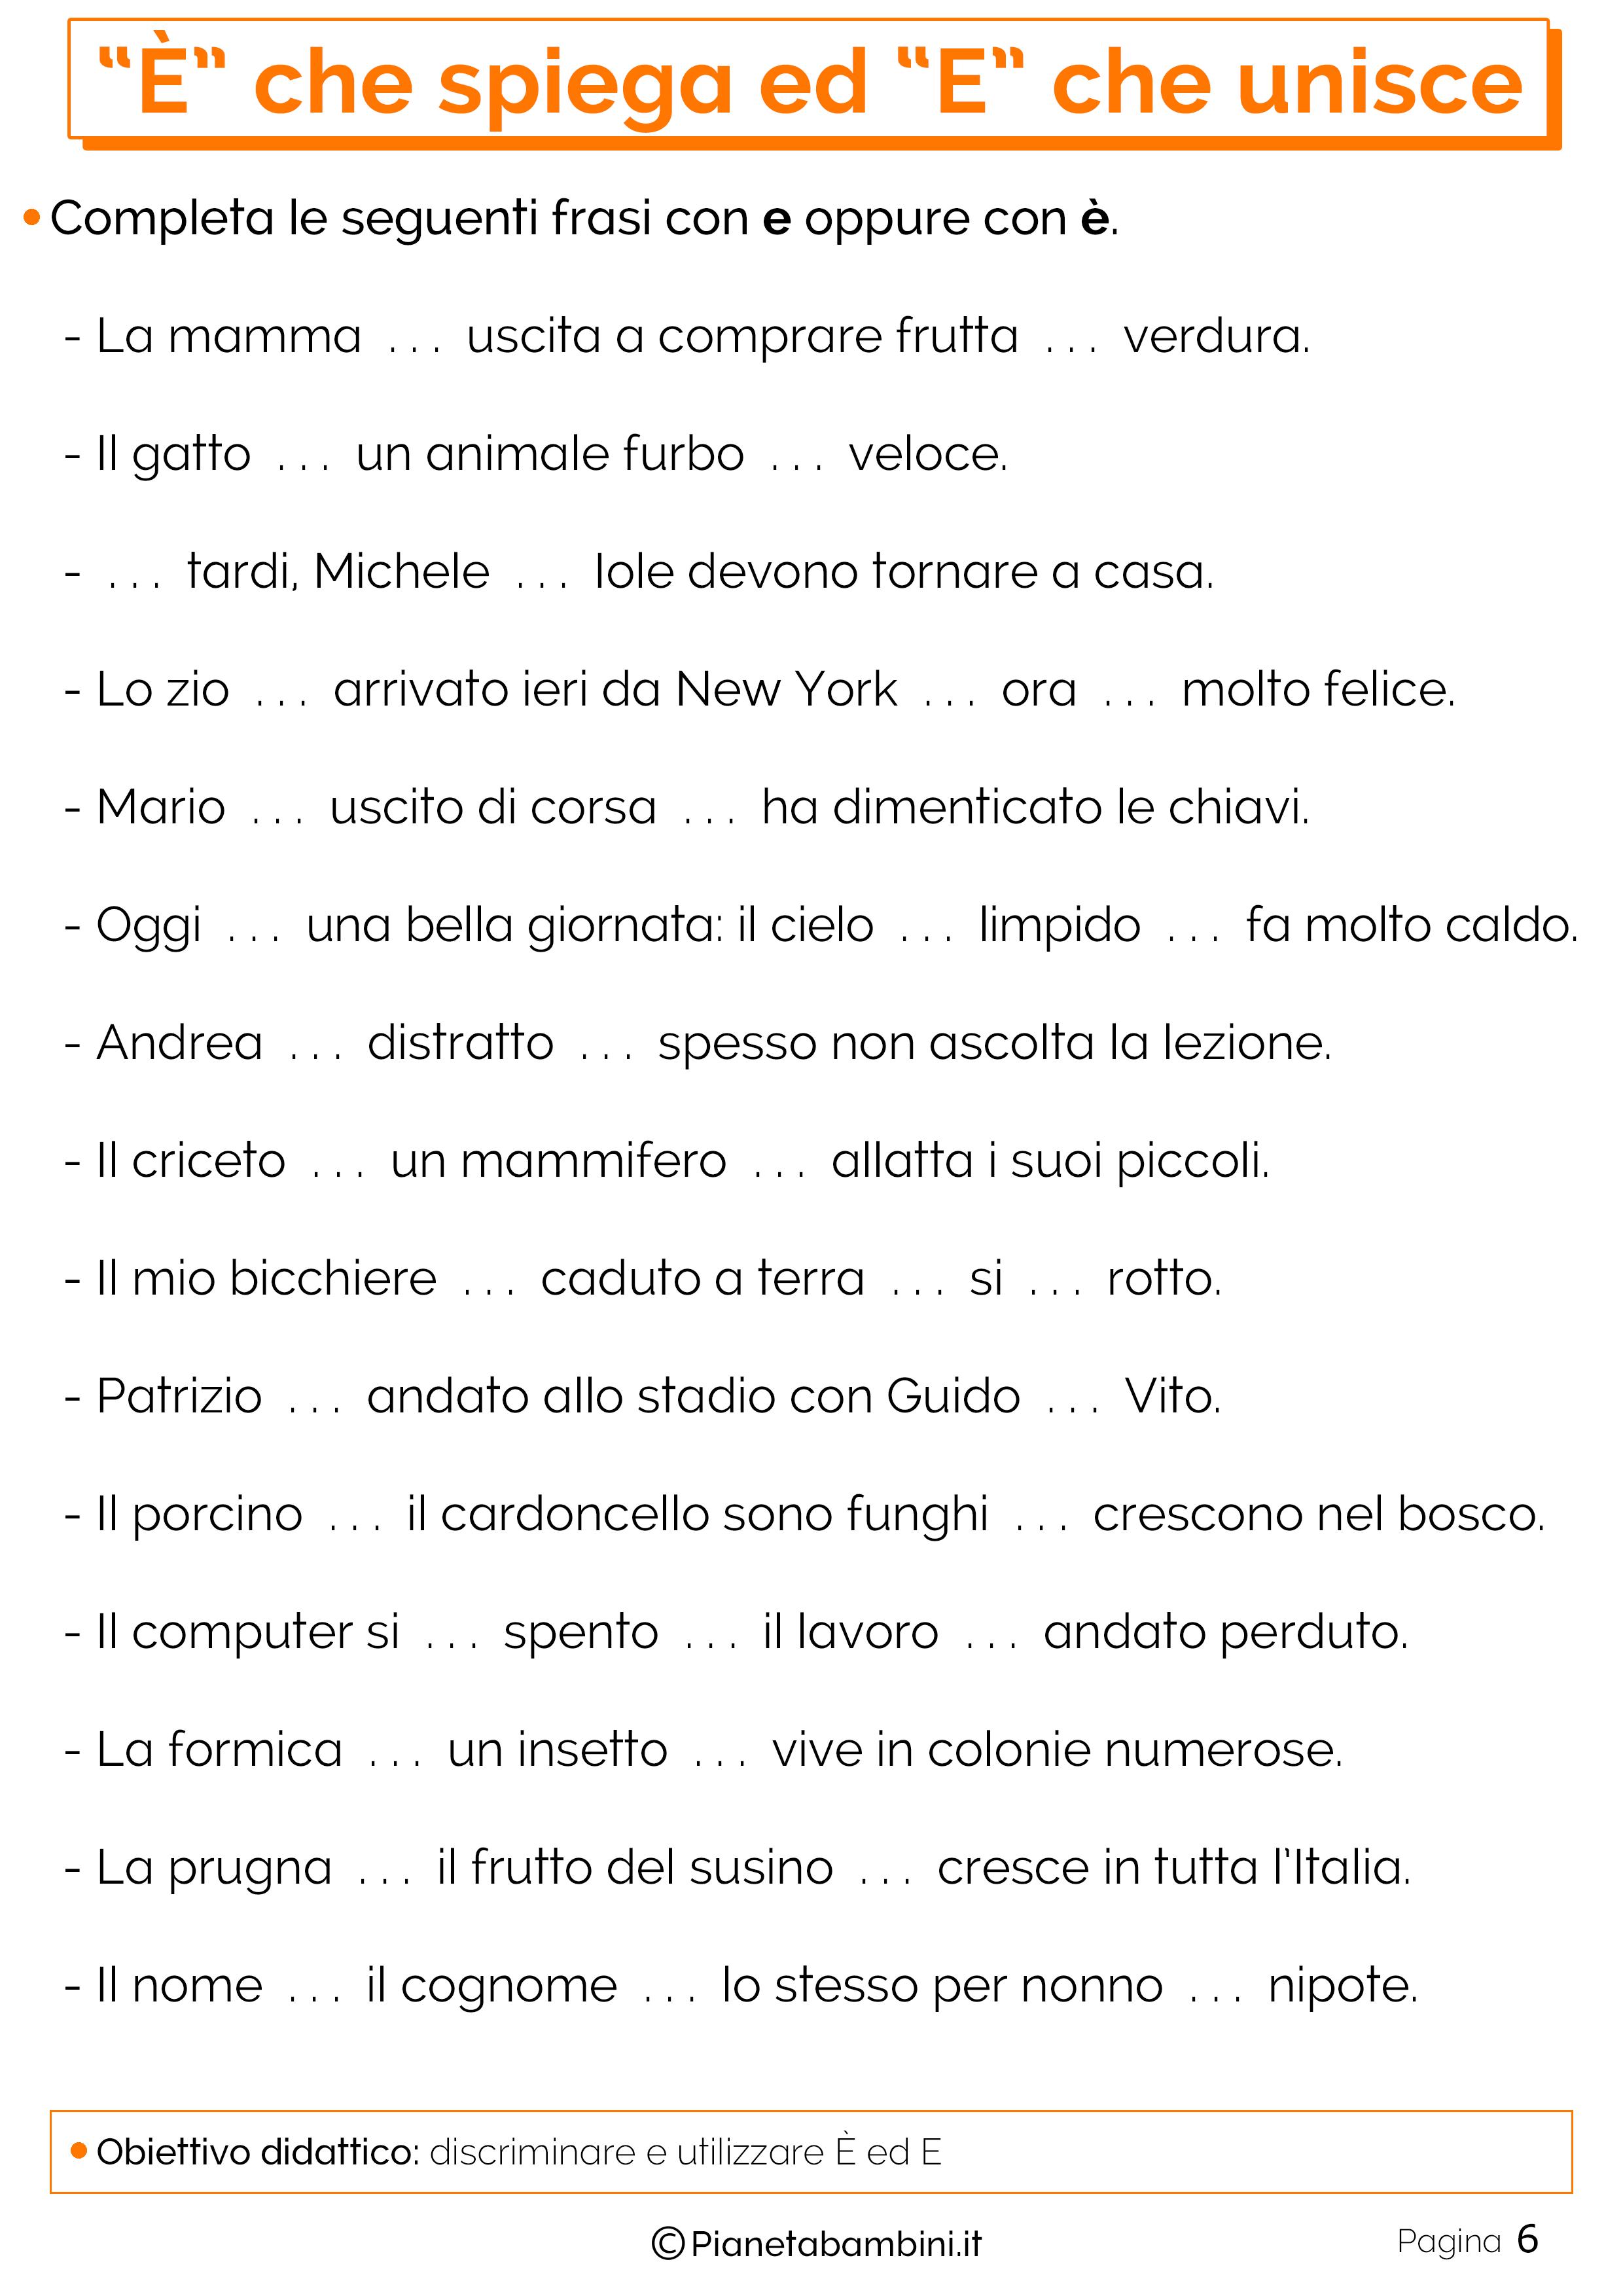 Esercizi E Che Spiega E Che Unisce 6